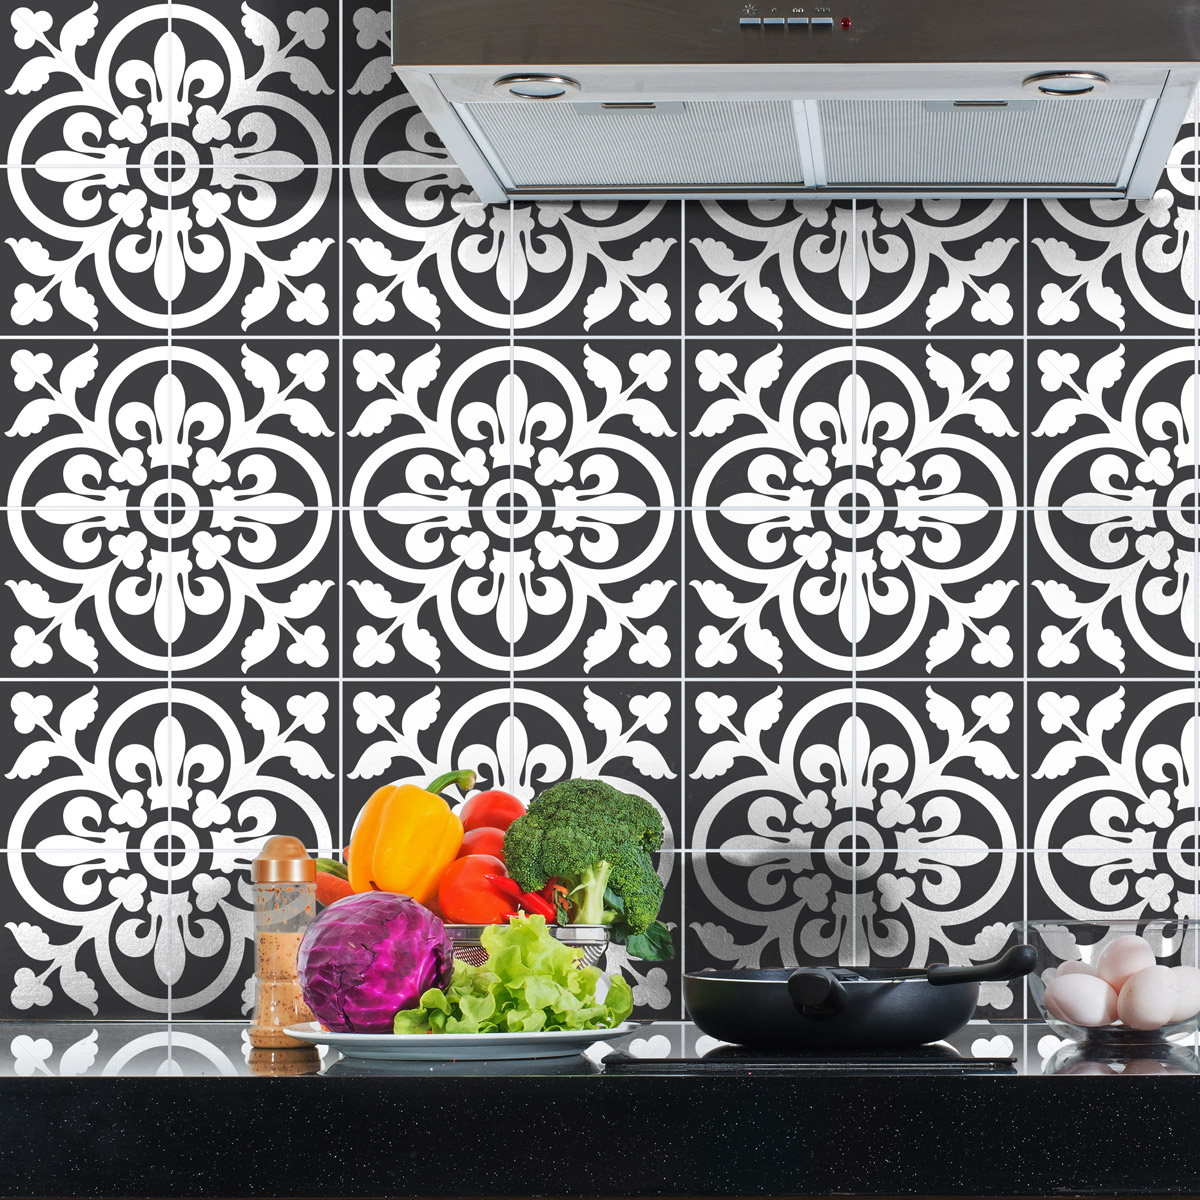 60 stickers carreaux de ciment classiques nuance de gris. Black Bedroom Furniture Sets. Home Design Ideas